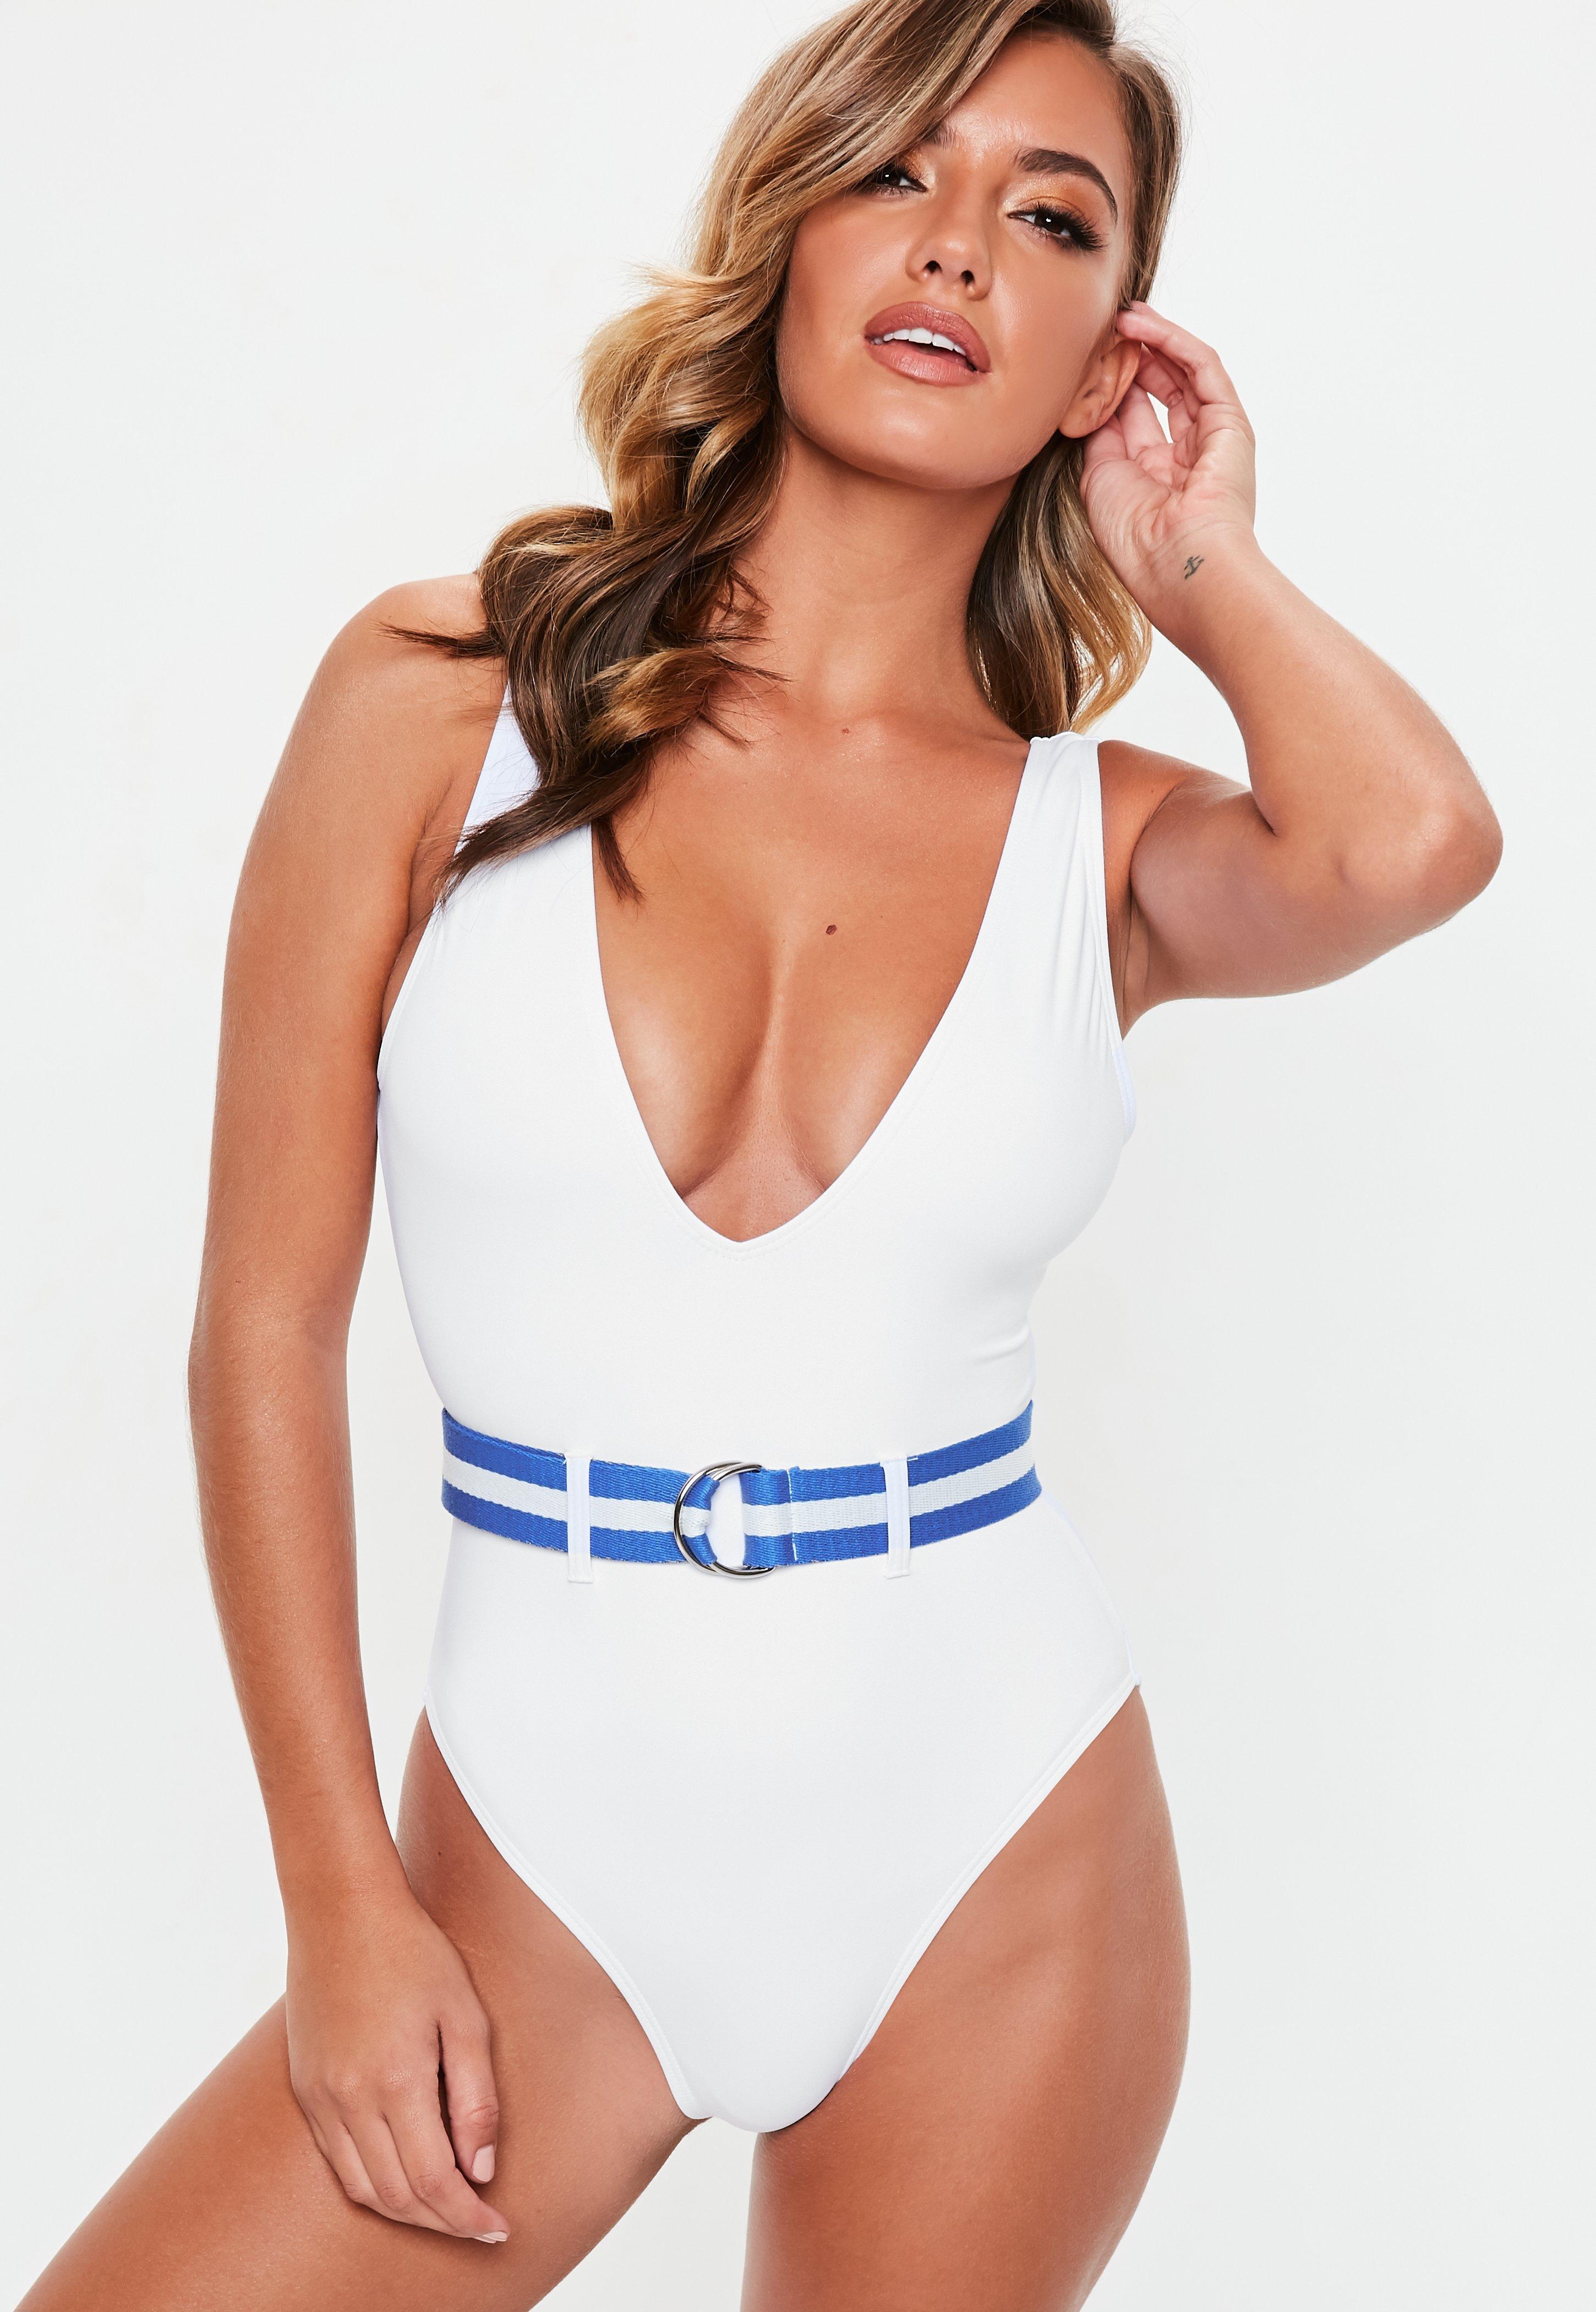 Gegürteter Retro Badeanzug für eine sexy Taille